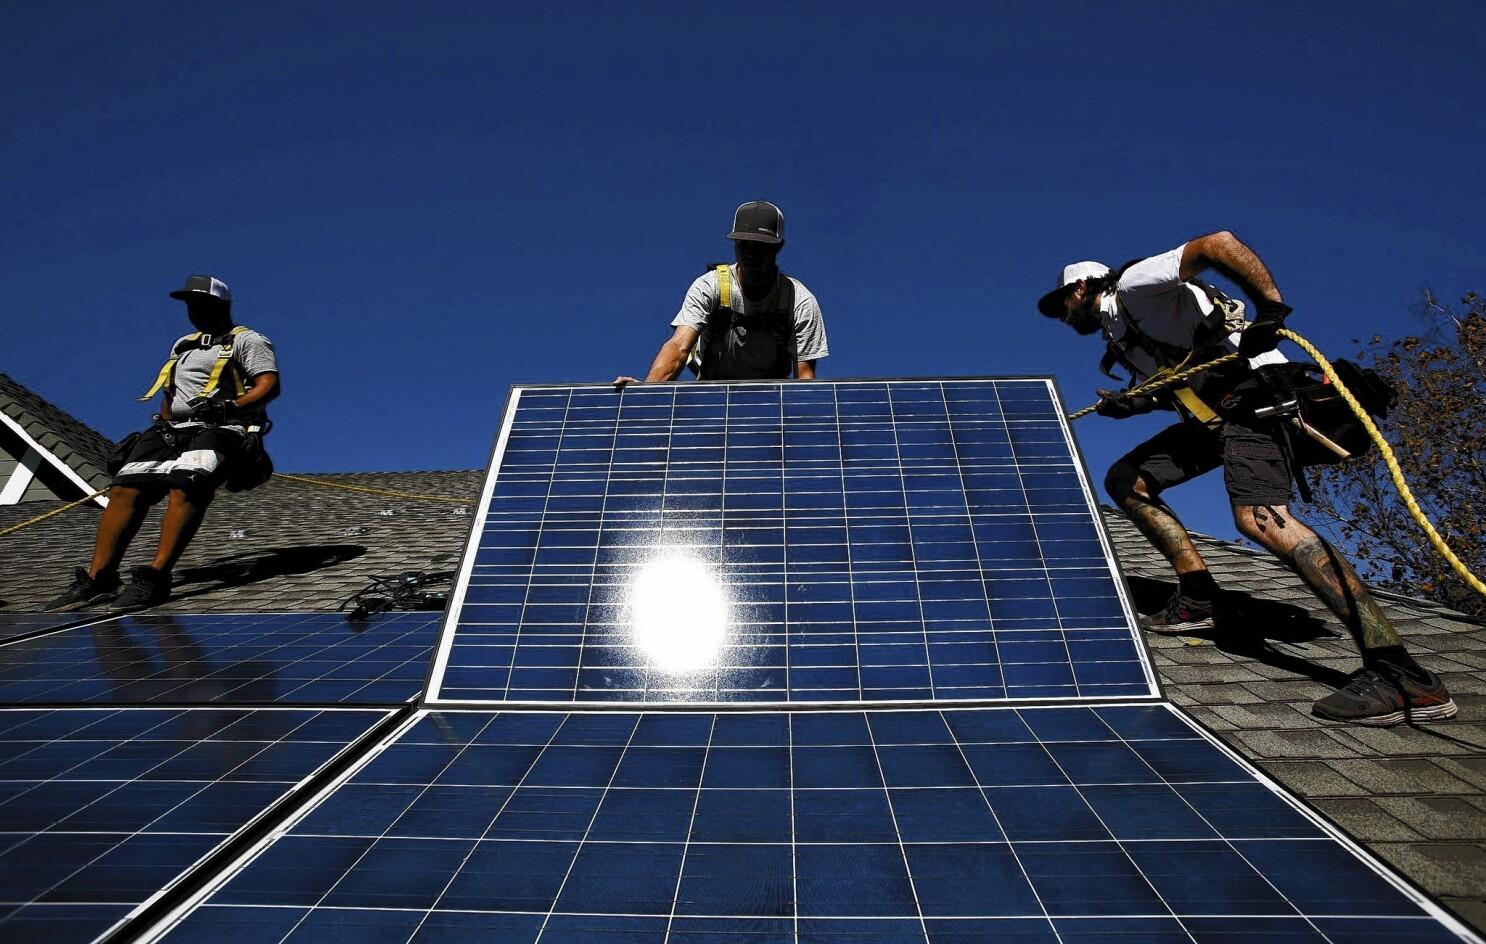 100 000 Clean Energy Workers Lose Jobs Amid Coronavirus Los Angeles Times